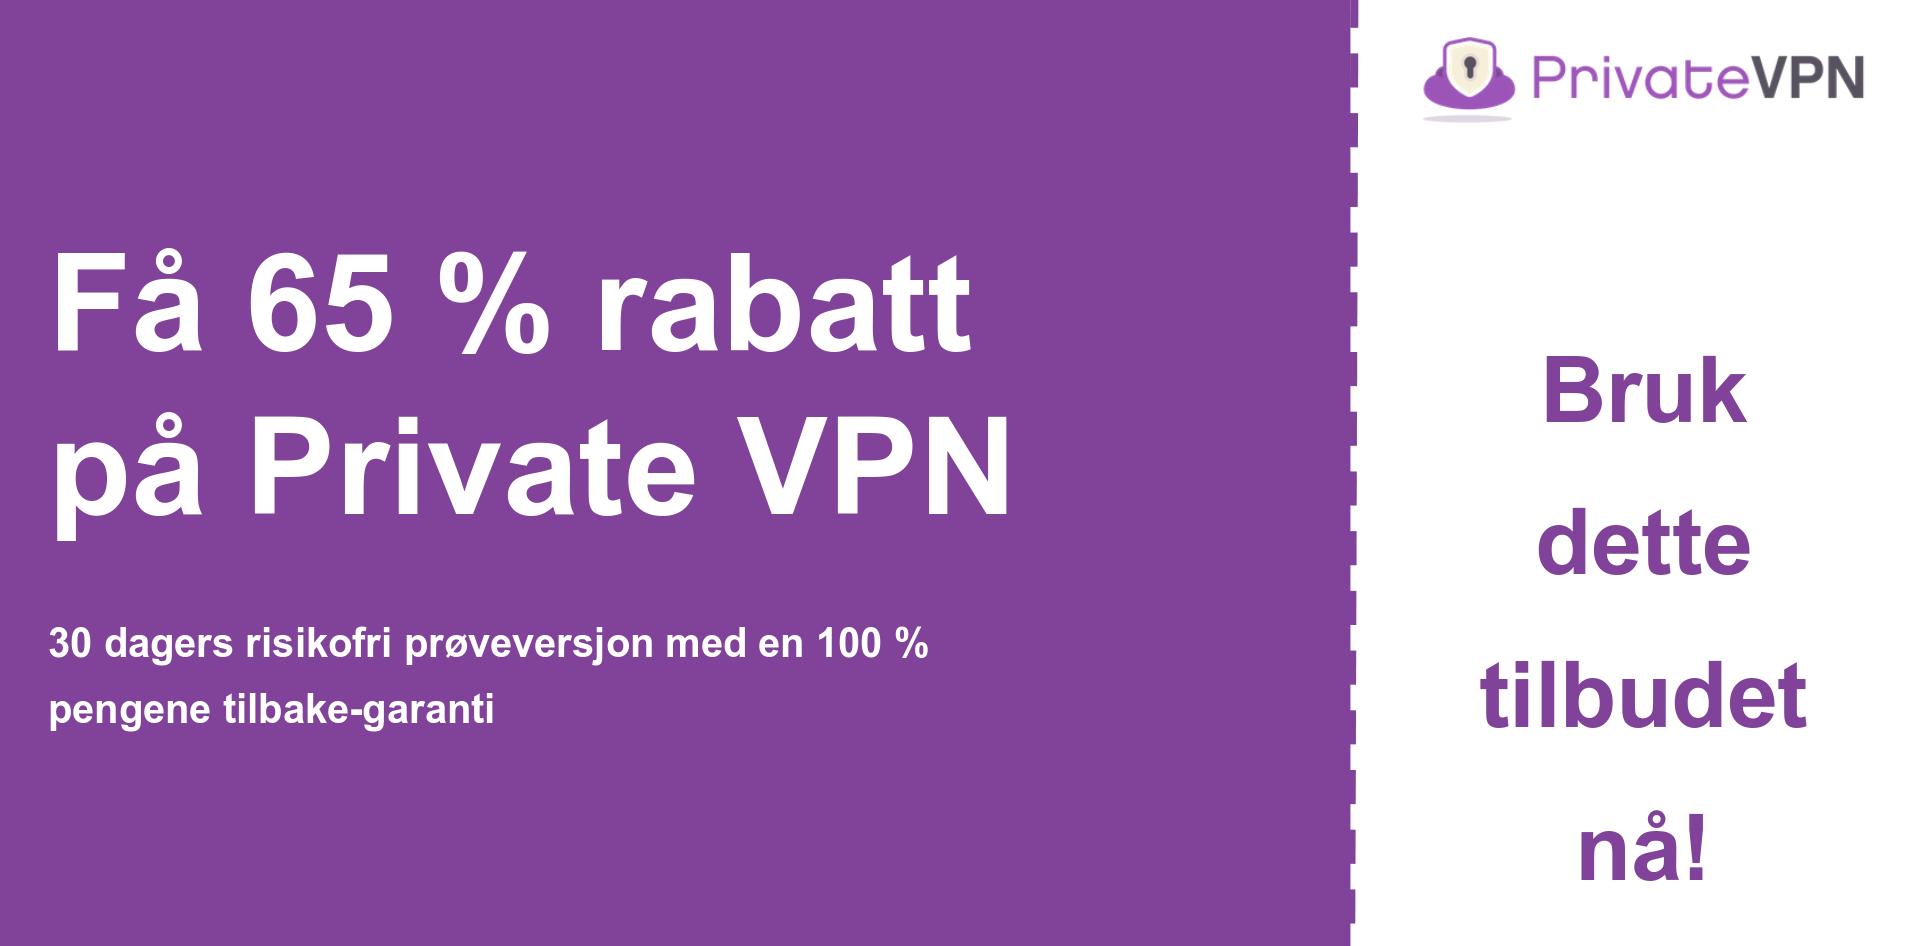 grafikk av PrivateVPN hovedkupongbanner som viser 65% avslag